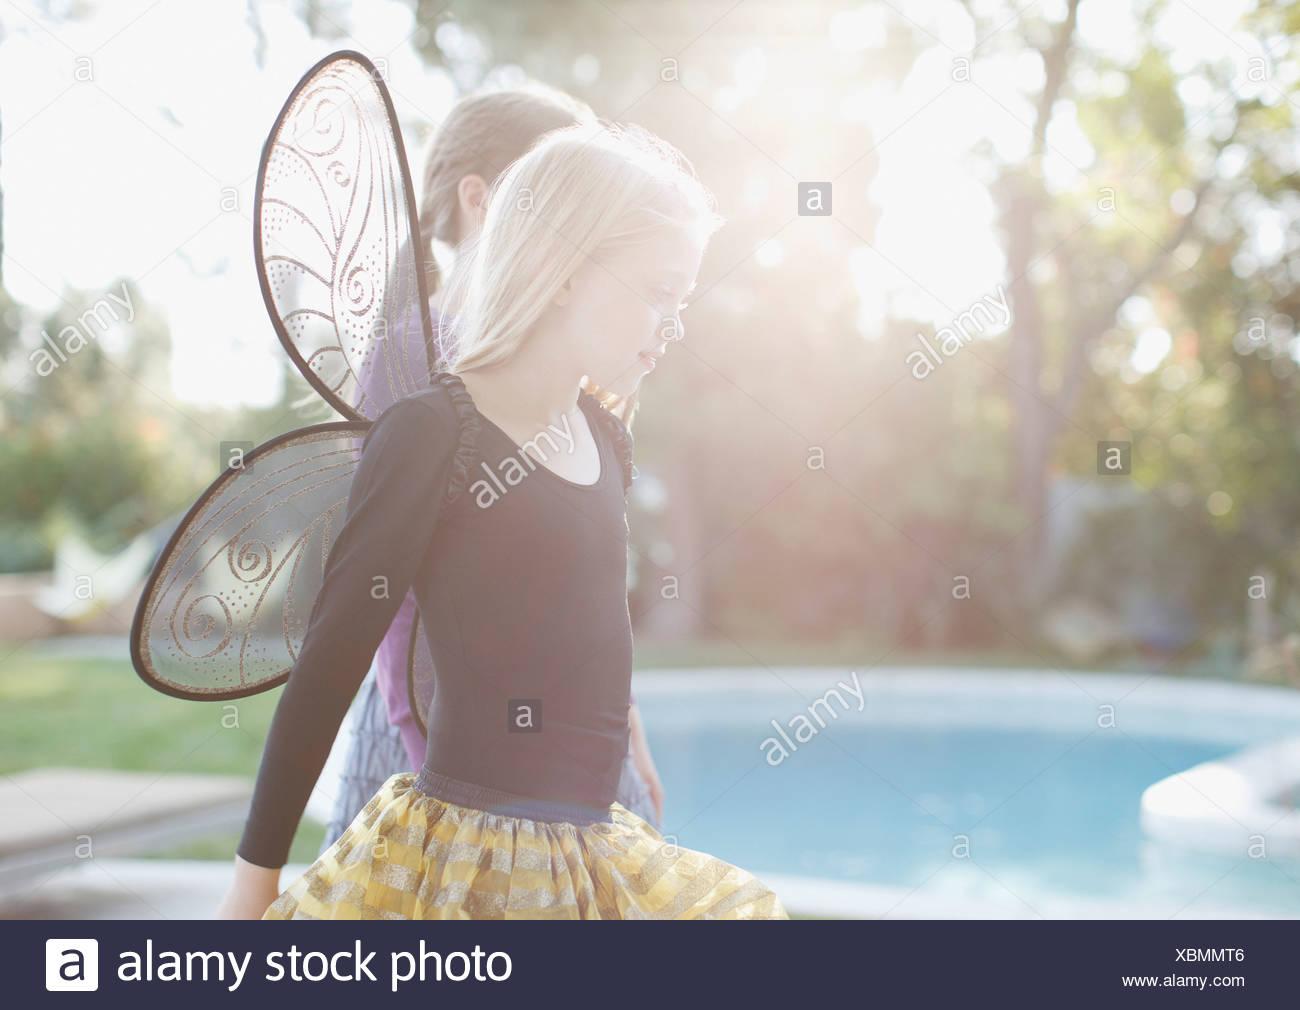 8-9 Jahre, hinterleuchtete, Kalifornien, Freizeitkleidung, kaukasischen, Kindheit, Farbbild, Kostüm, Tag, häusliches Leben, elementare Stockbild